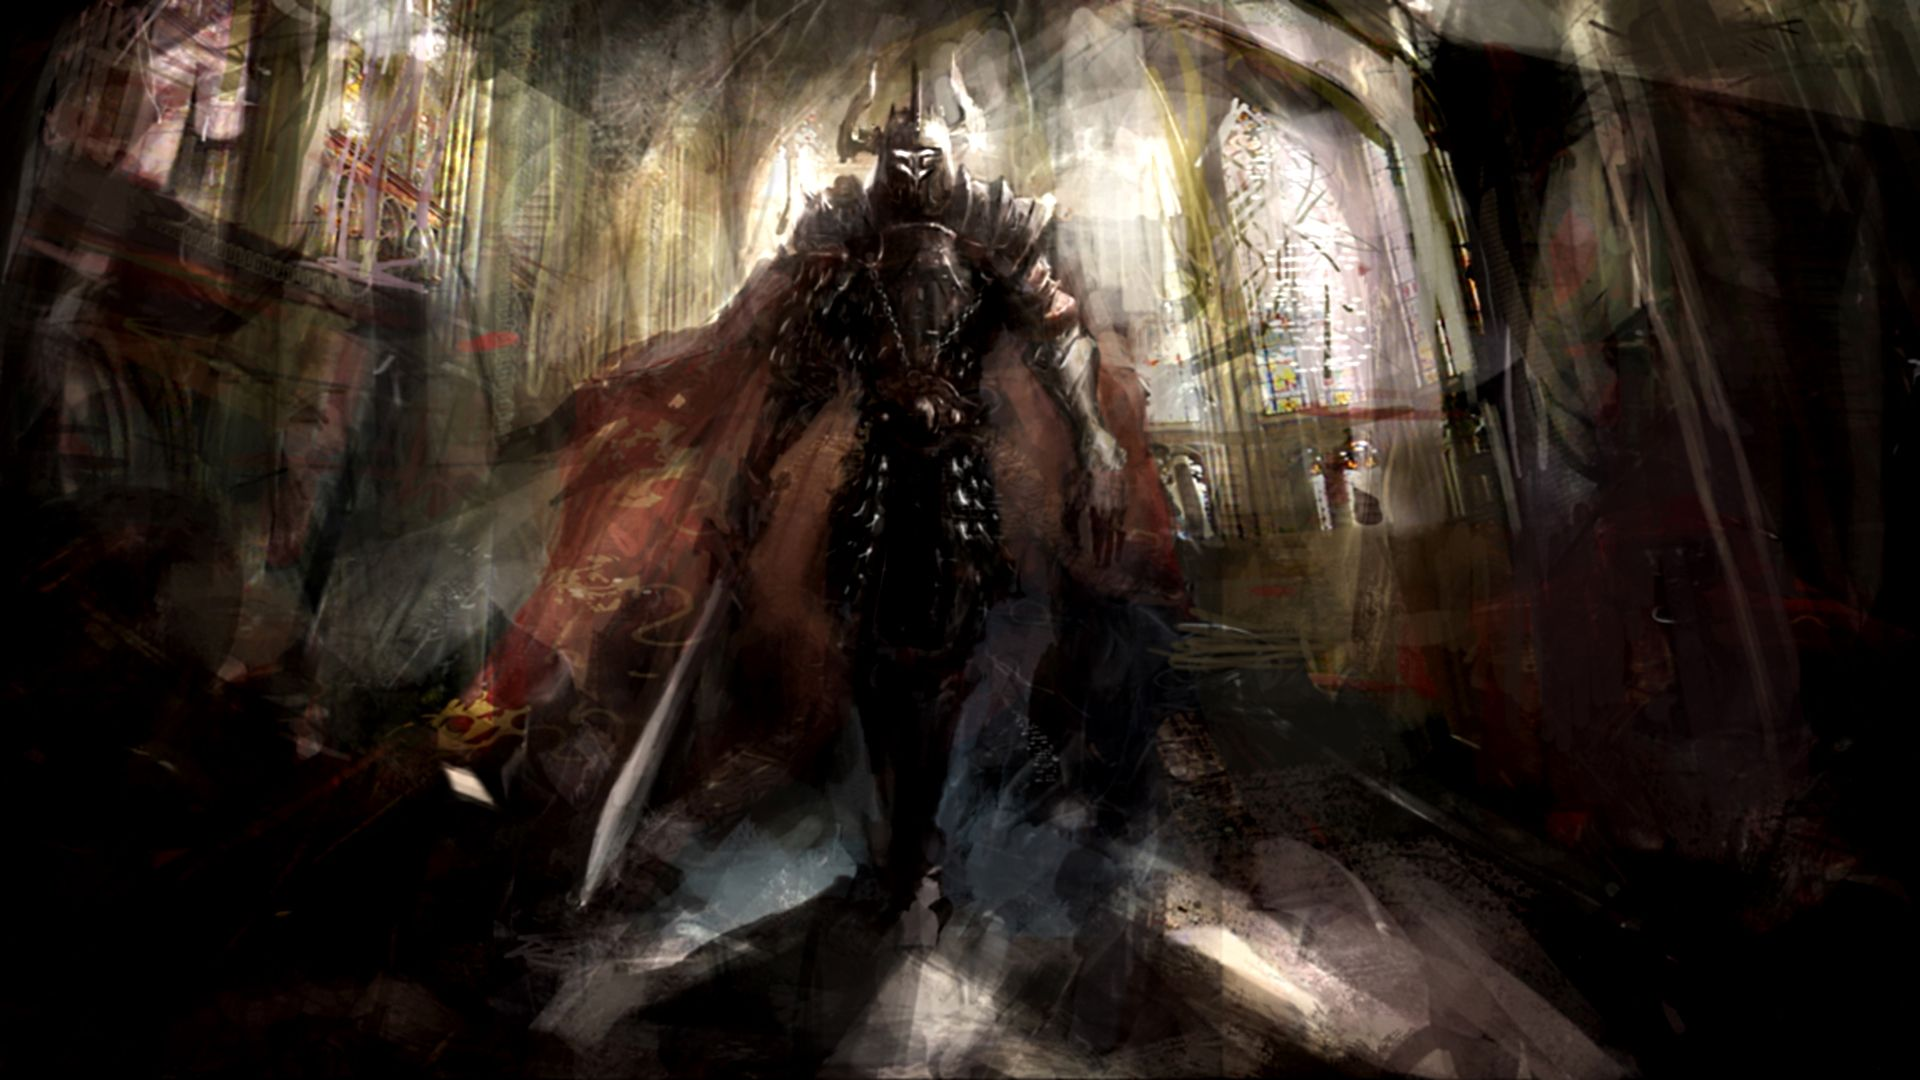 Fantasy Warrior The Dark Knight HD Wallpaper